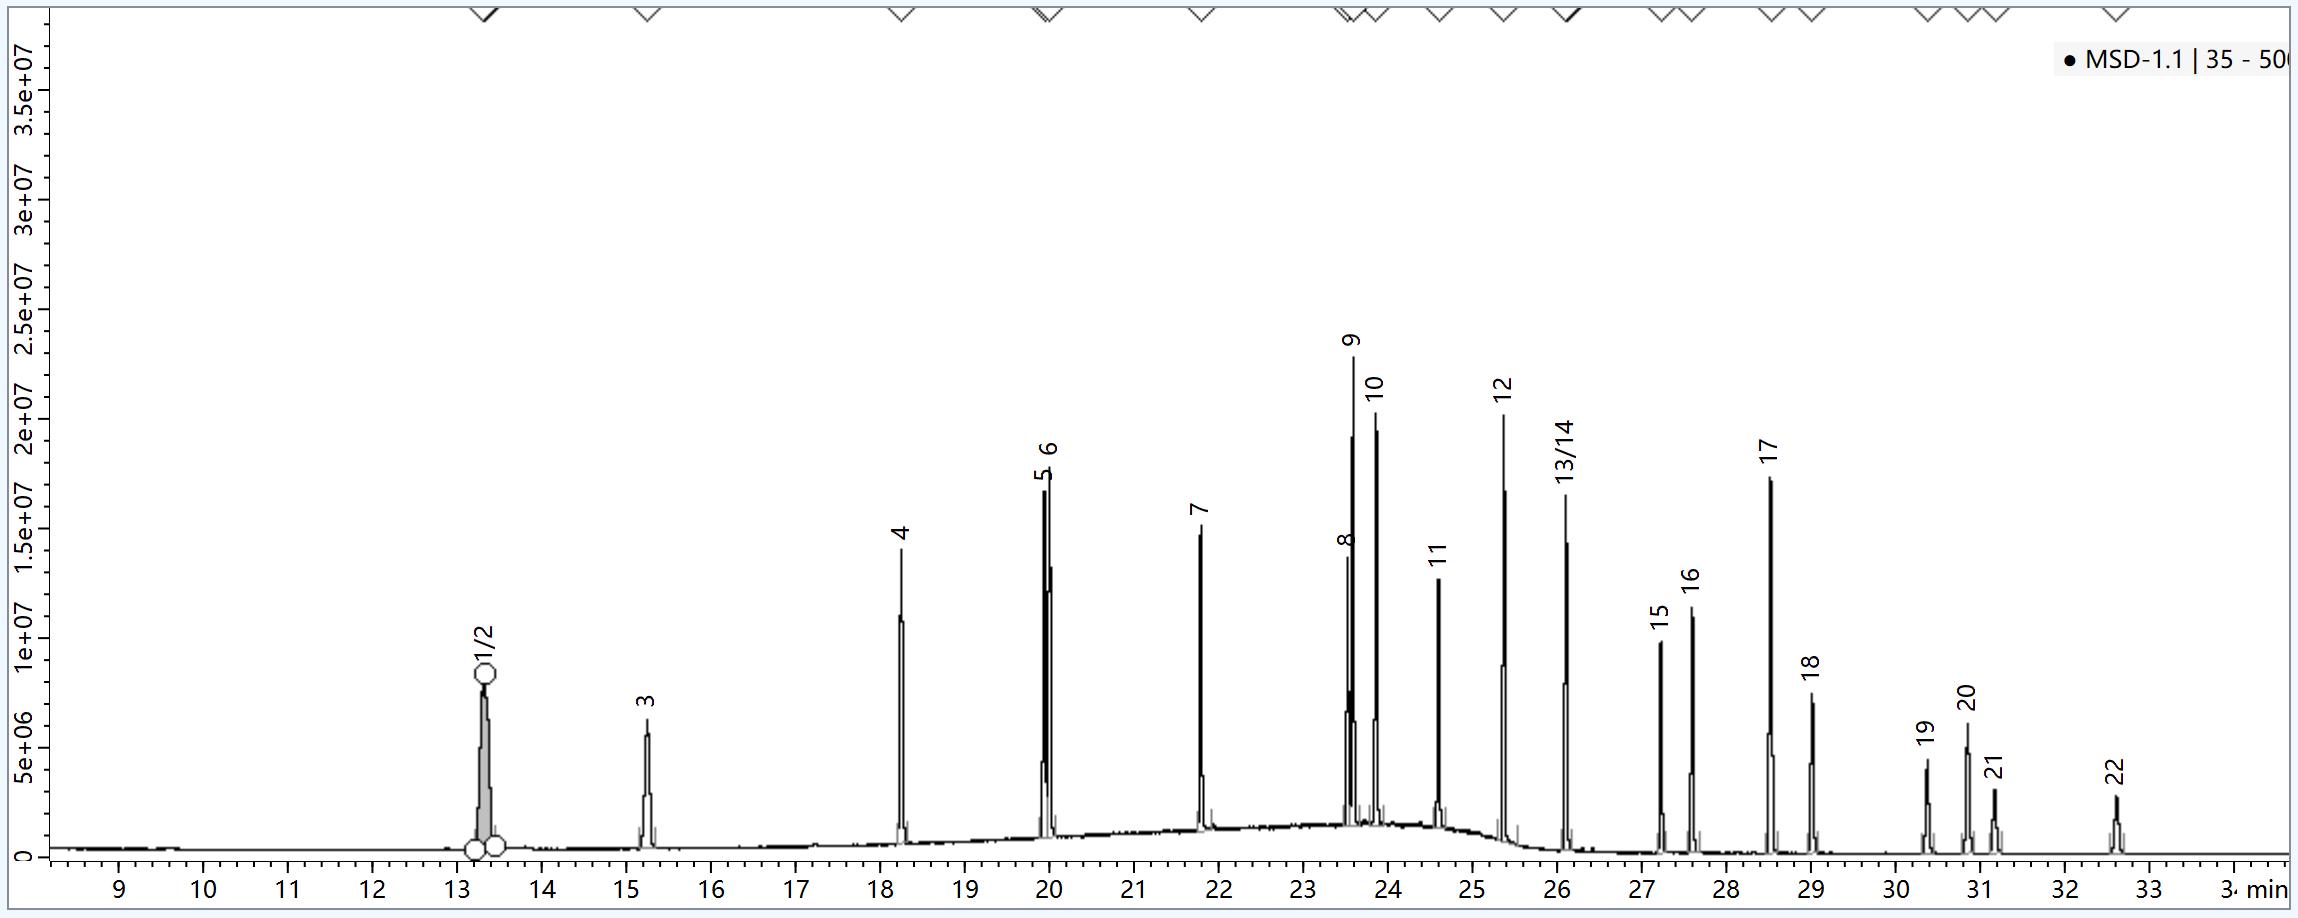 水质 苯胺类化合物的测定